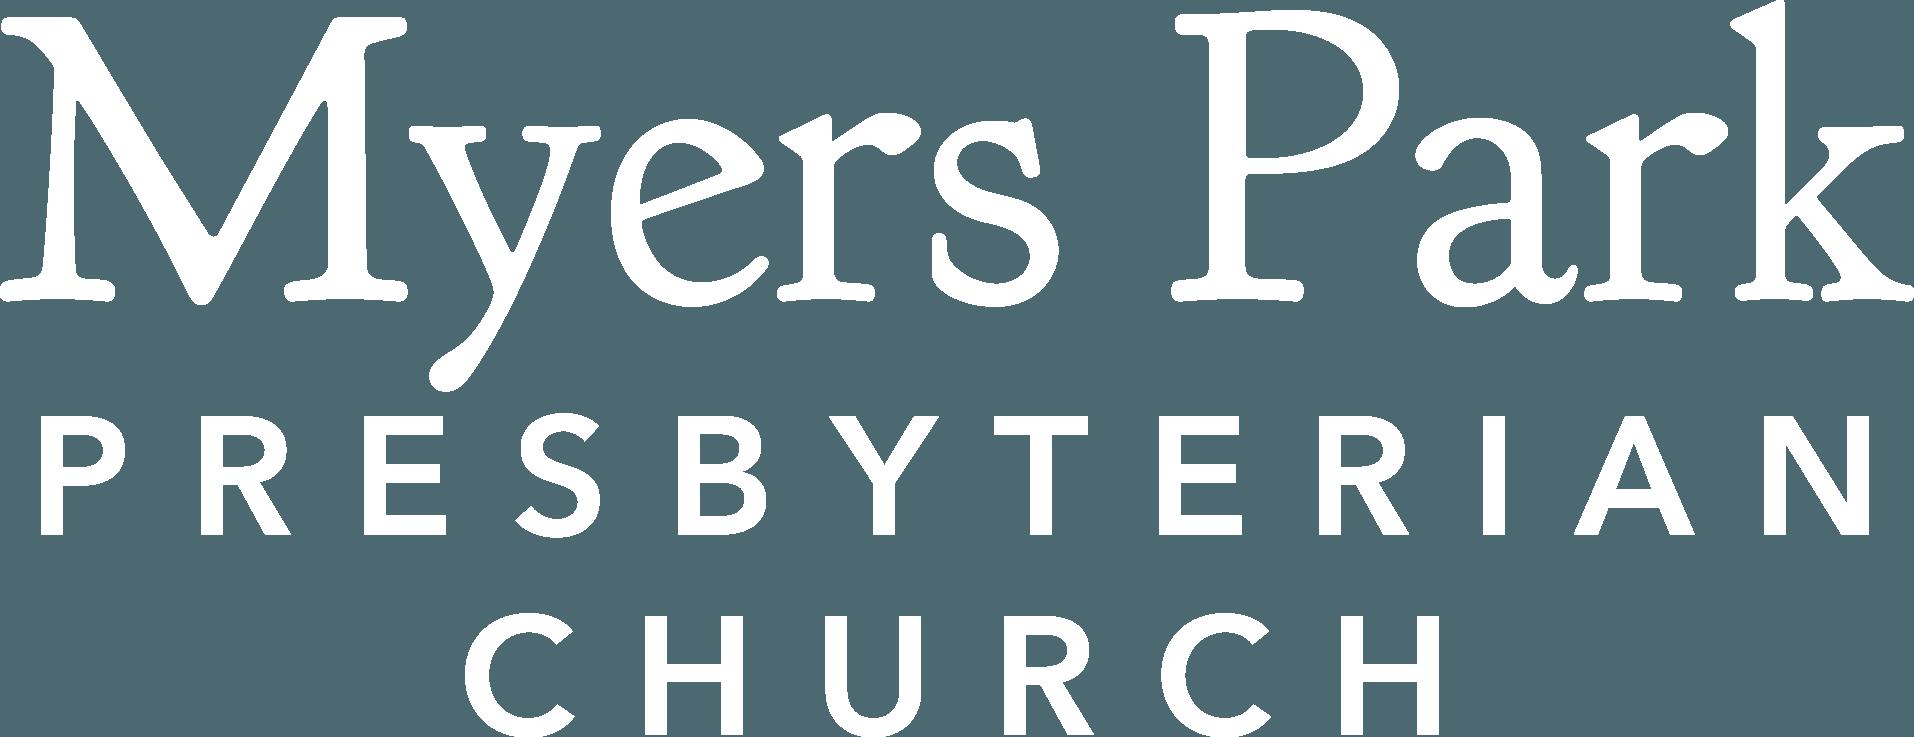 Myers Park Presbyterian Church Homepage